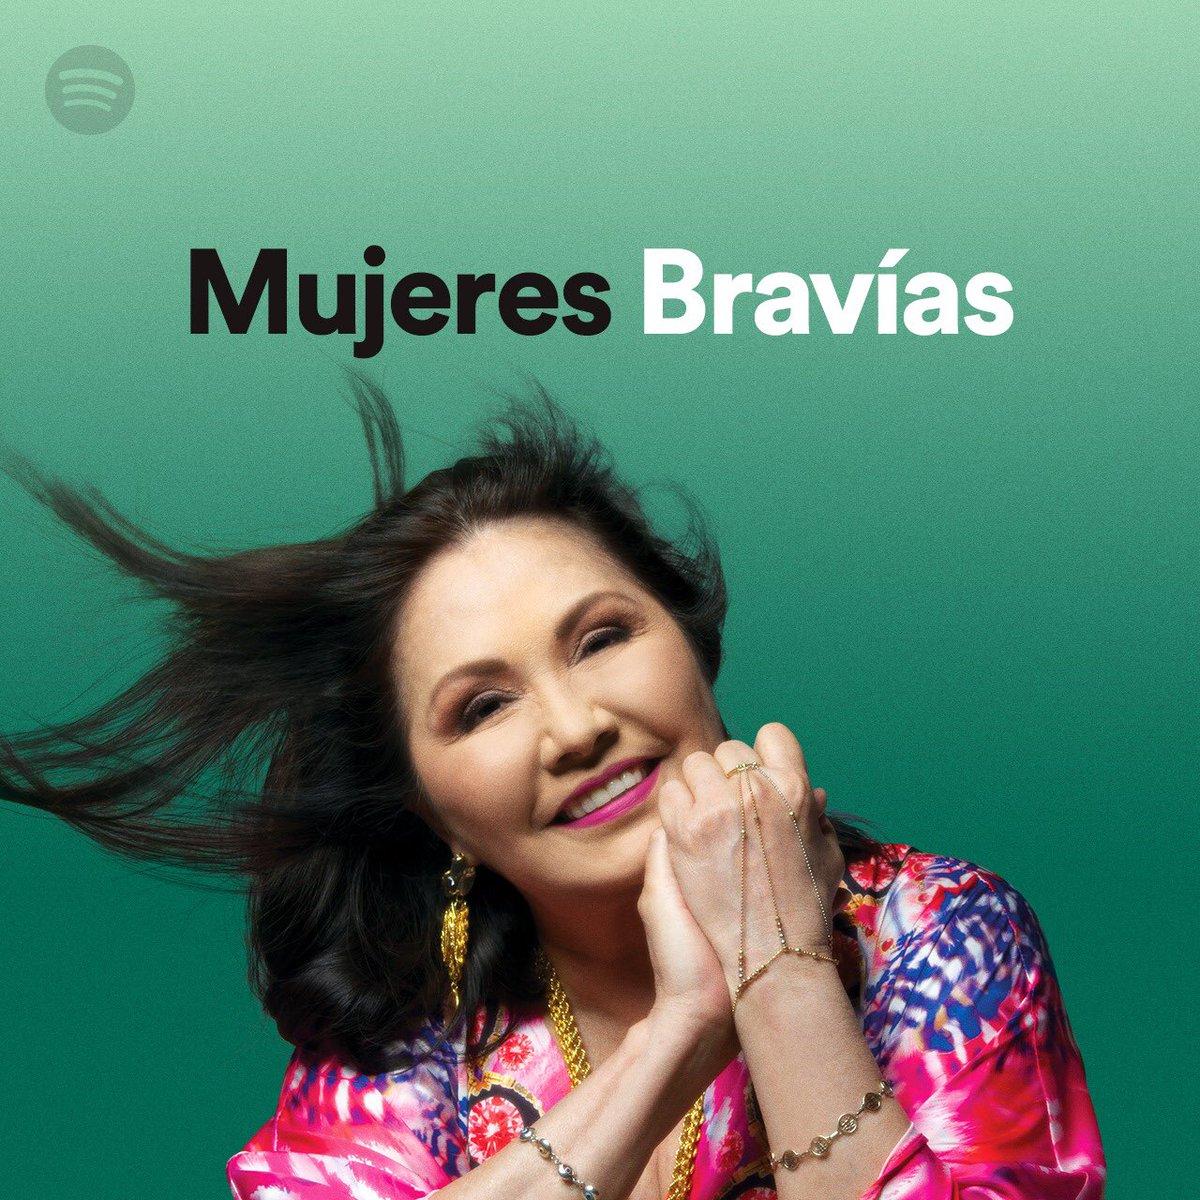 """.@ANAGABRIELRL en portada en la playlist """"Mujeres Bravías"""" de @SpotifyMexico 🤩"""